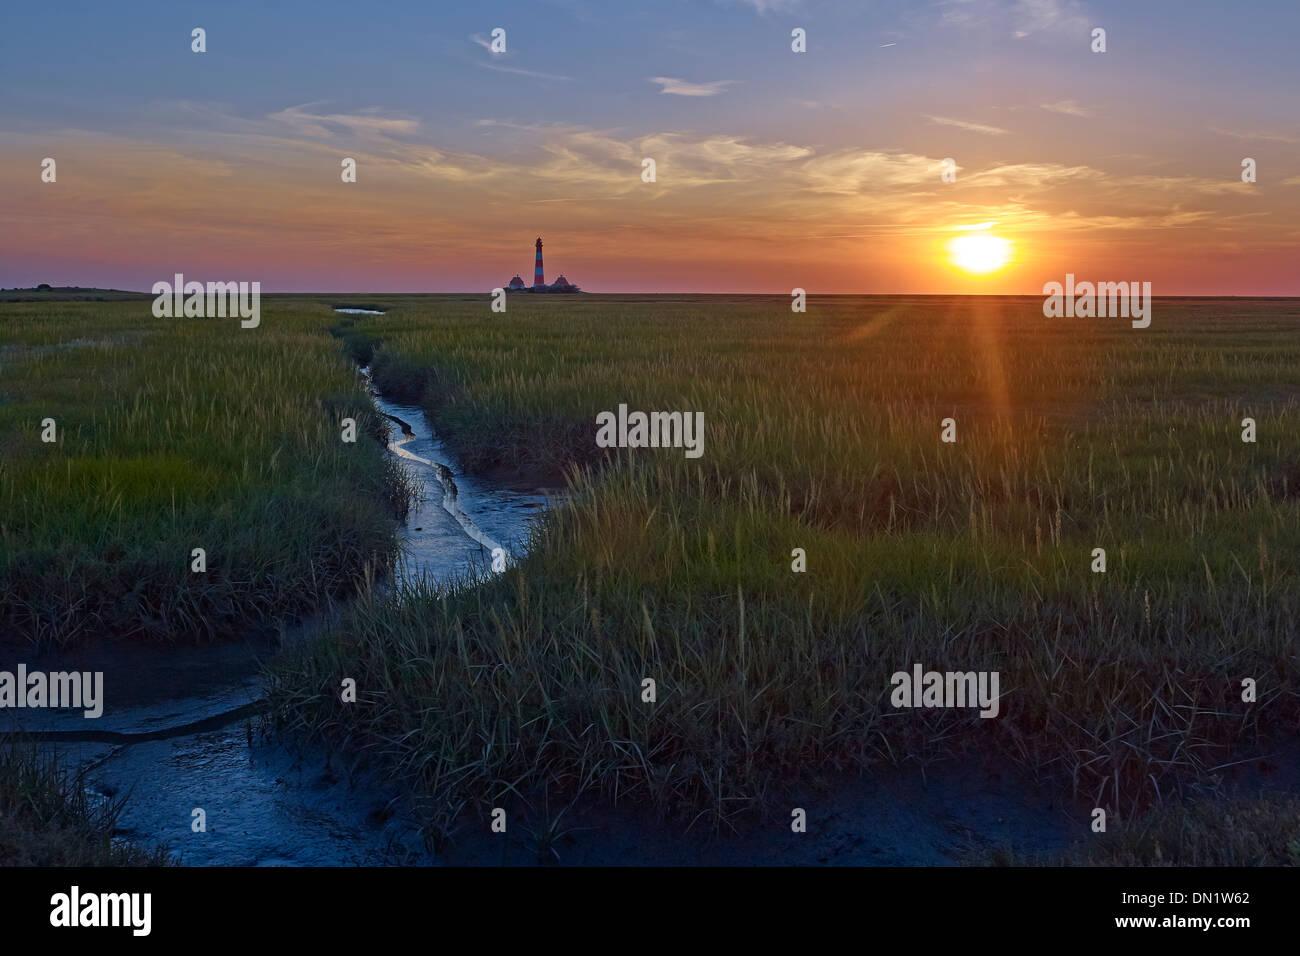 Sonnenuntergang am Leuchtturm Westerheversand, Halbinsel Eiderstedt, Nordfriesland, Schleswig-Holstein, Deutschland Stockbild